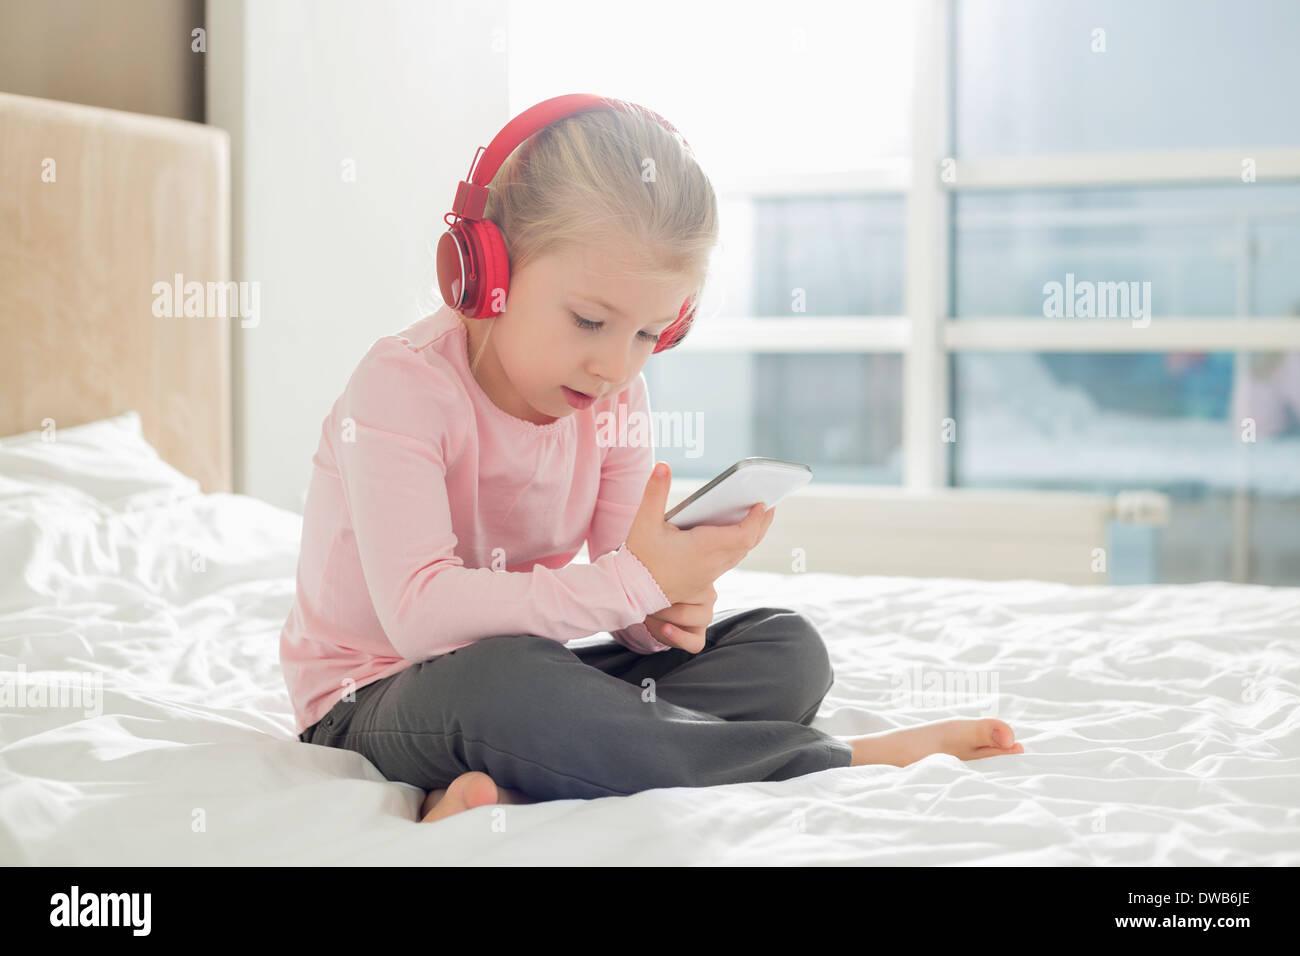 Per tutta la lunghezza della ragazza ascoltando musica sulle cuffie in camera da letto Immagini Stock